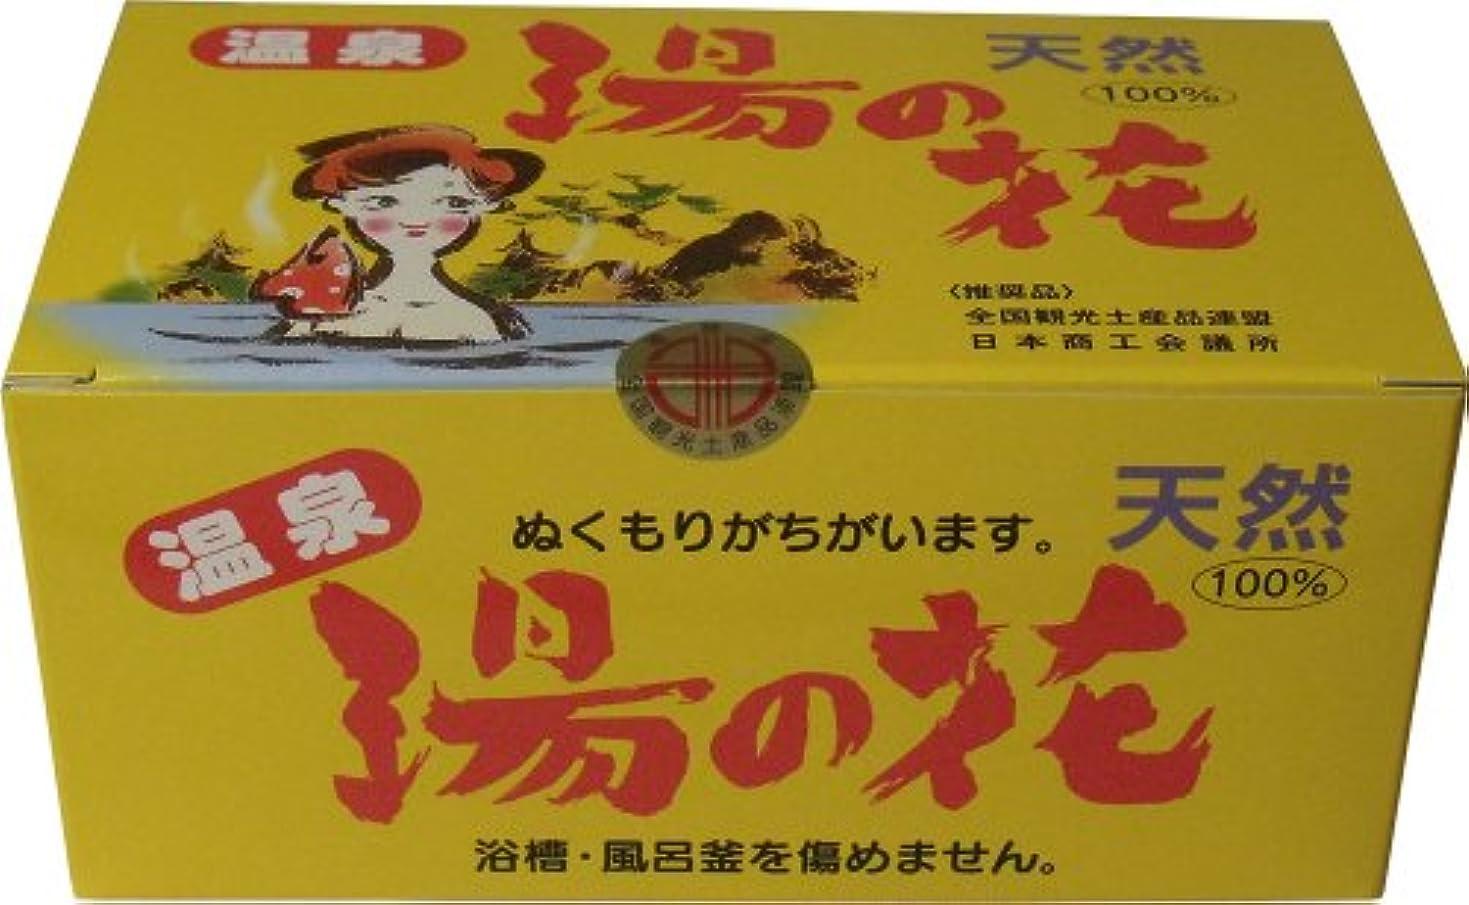 数学肥沃なルーチン天然湯の花 徳用箱入 HF25 15g×25袋入 ×6個セット